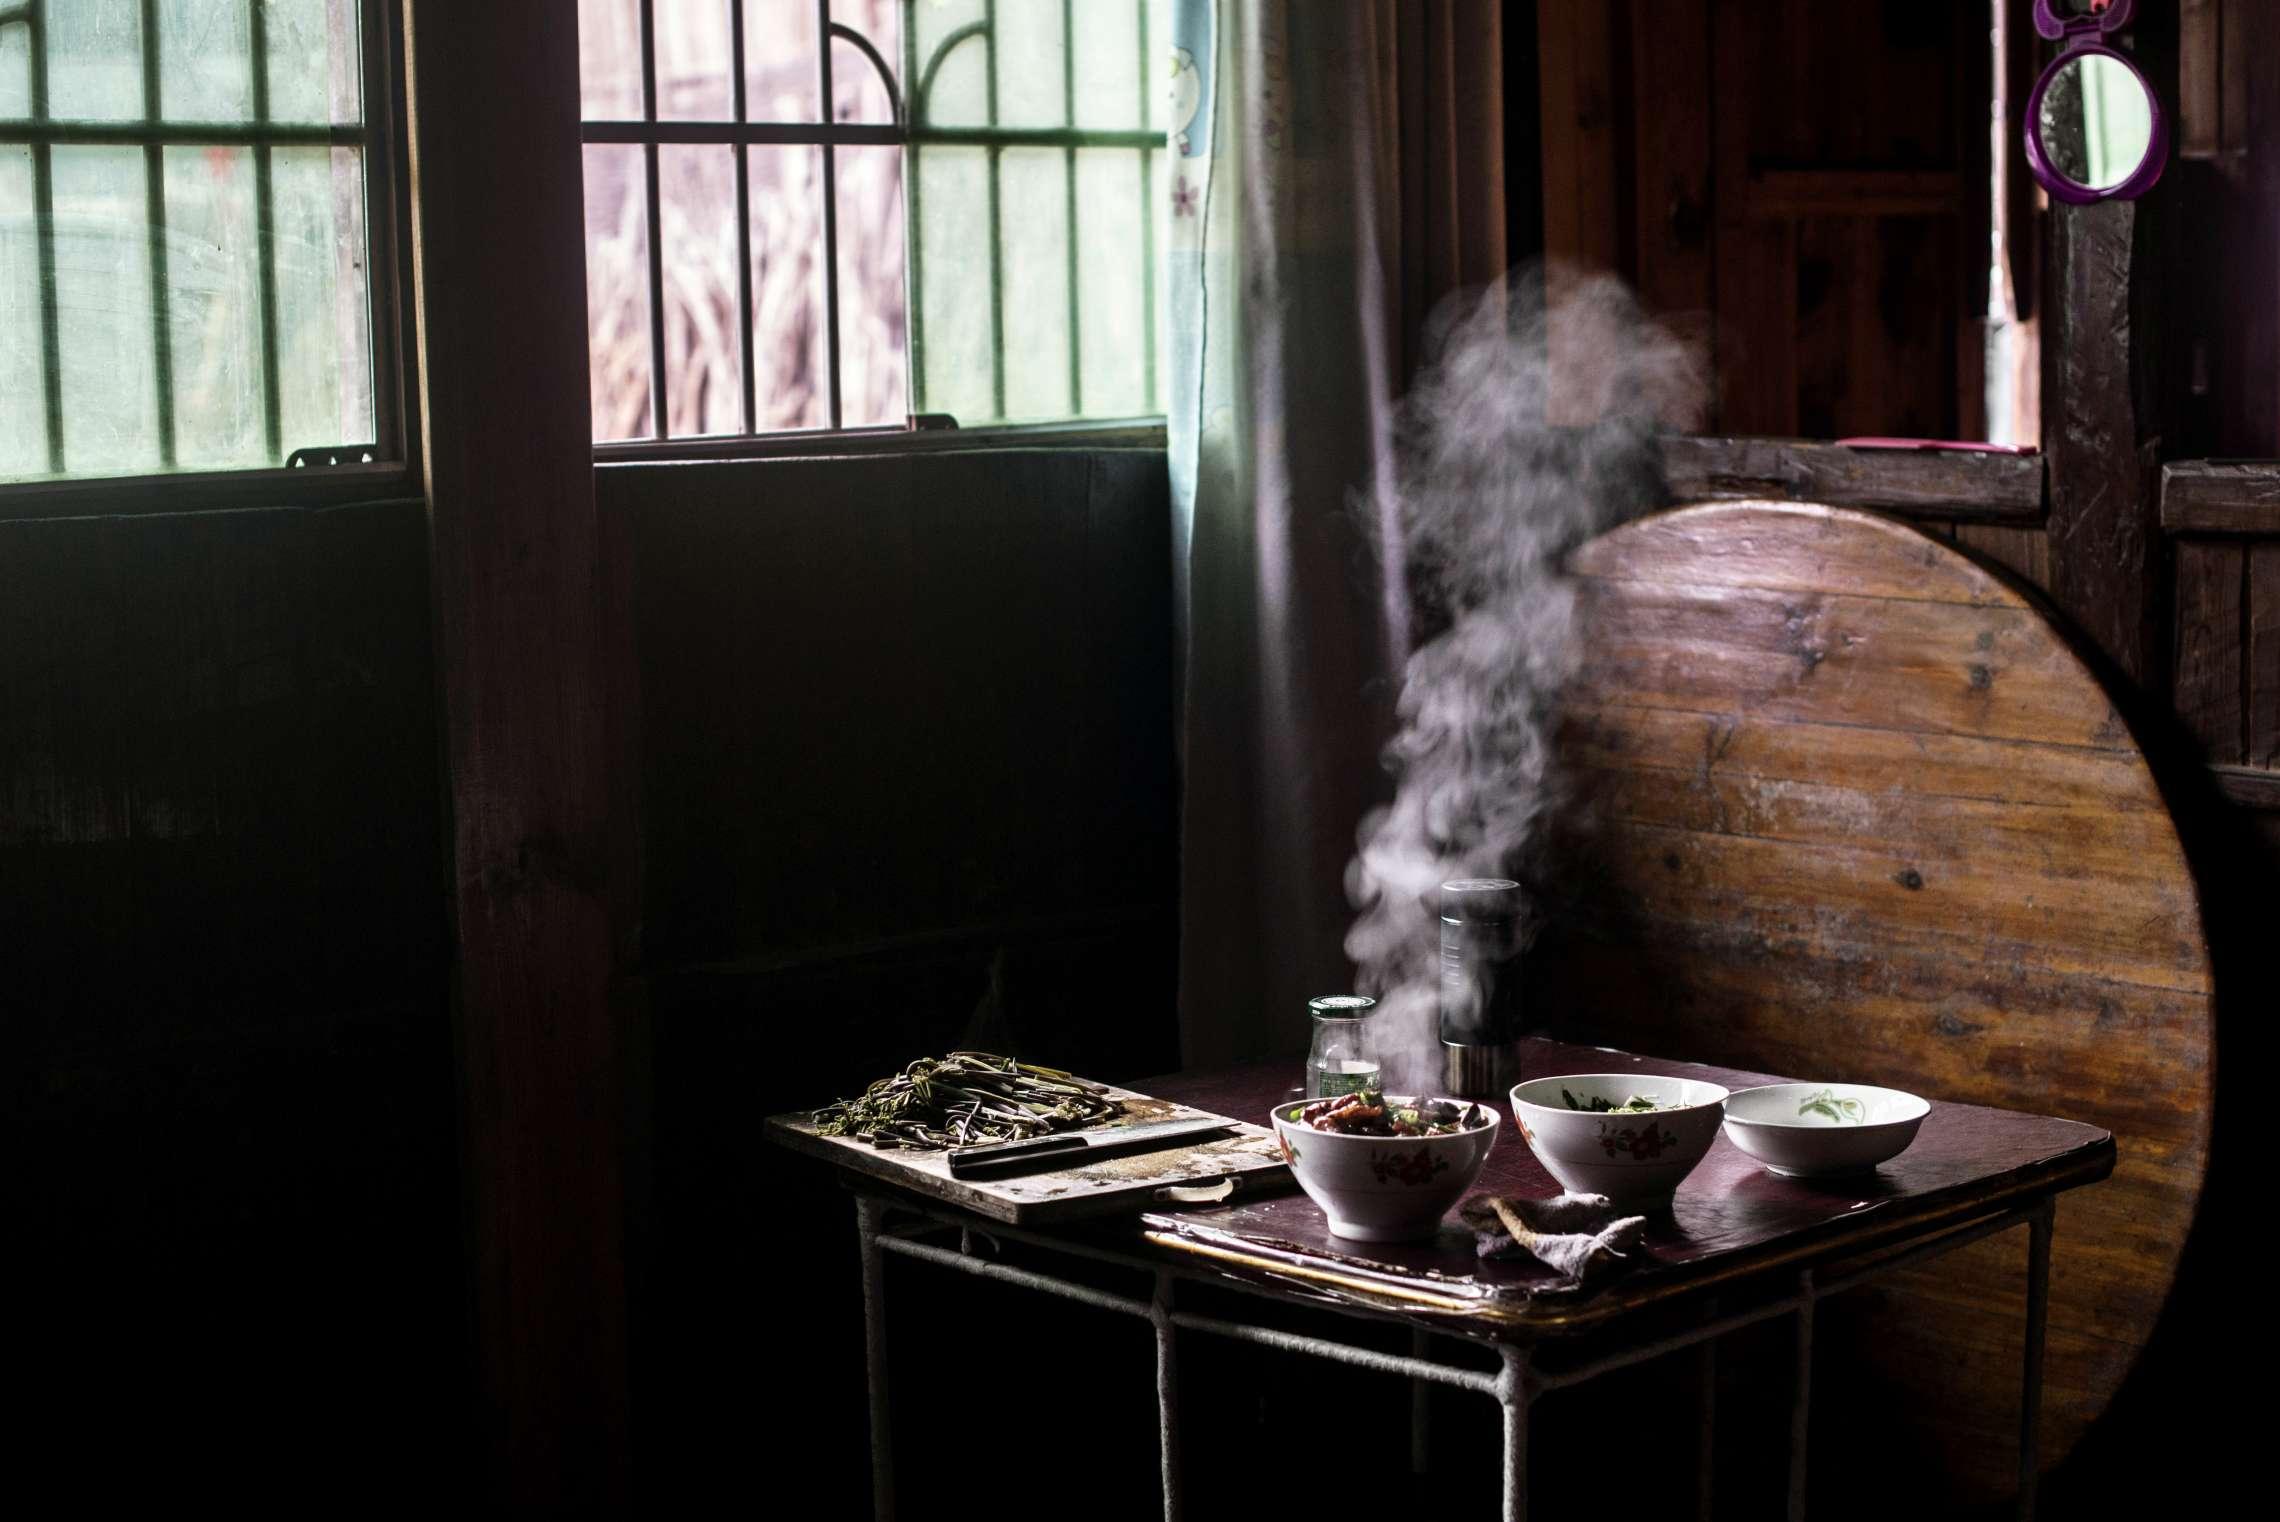 PK-nr: 10968 Kategori: 8, dokumentar utland Dato: 01.03.2015 10.45 Tittel: Hun reiser i morgen Hovedtekst: Siden 1978 har Kina opplevd den største folkevandringen i verdenshistorien. Nærmere 160 millioner kinesere har reist fra lutfattige landsbyer for å finne arbeid i byene. I fjellandsbyen Hangsha i Hunan provinsen, står Rong Shi Yu (14) på klippen sammen med barndomsvenninnene sine, hånd i hånd på høye hæler, mens de blåser rosa bobler. De synger om gutter de ennå ikke vet hvem er, som skal gjøre dem lykkelige, og kanskje velstående. De synger om å høre til her i Lu Dong-fjellene, men i morgen pakker de trillekoffertene, reiser fra alt de kjenner, mot kysten og storbyene. Der venter Kinas mest effektive fabrikker med ti kroner i timen, ti timer hver dag. Men der venter også mulighetene for økonomisk uavhengighet. Bildetekst: Fjellandsbyen Hangsha har rundt 6.000 innbyggere. De fleste lever av å dyrke te og ris. Likevel er de for mange mennesker til at alle kan brødfø seg.